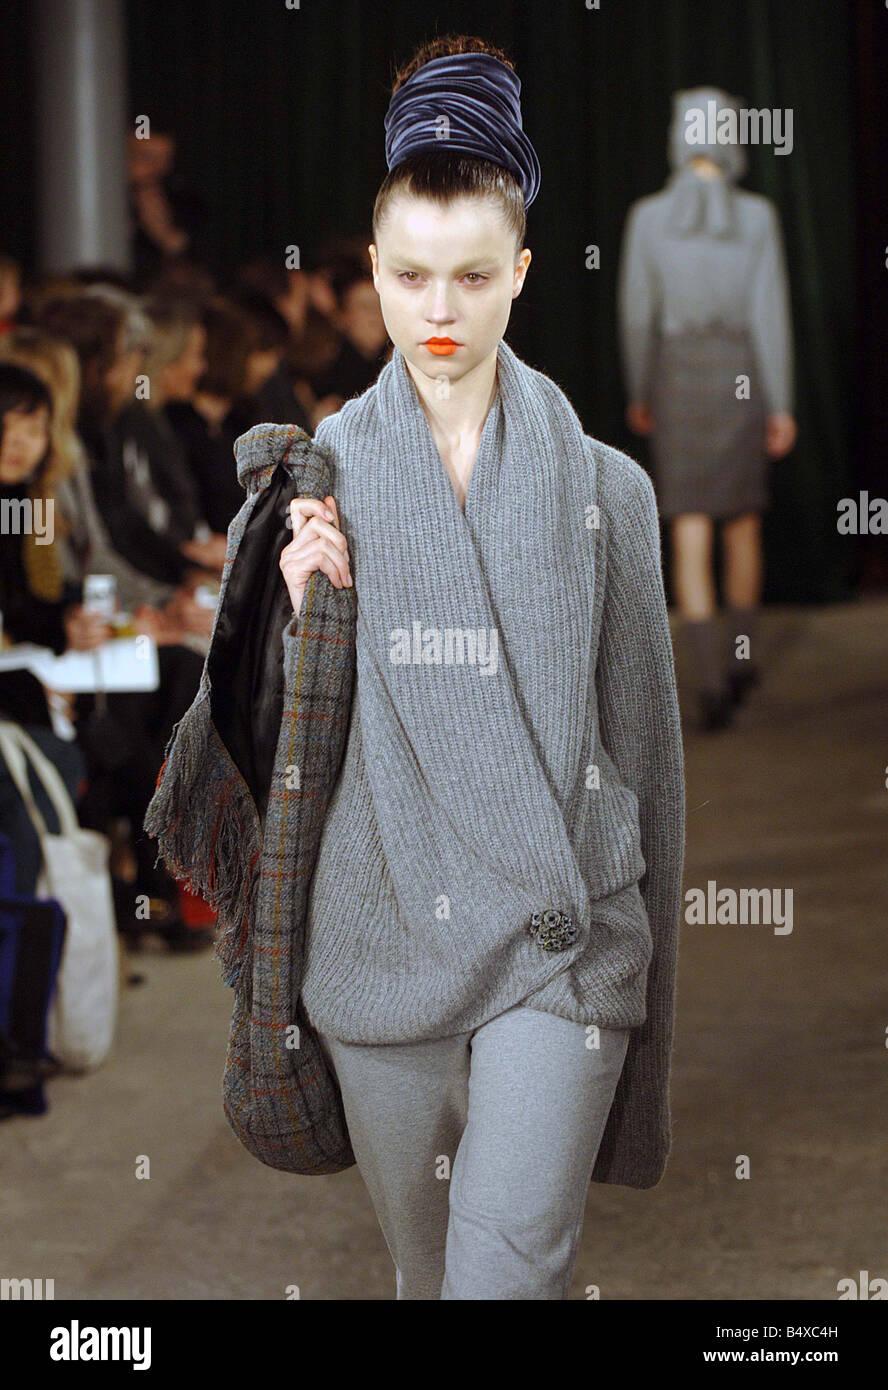 Fashion week Peter london jensen for woman